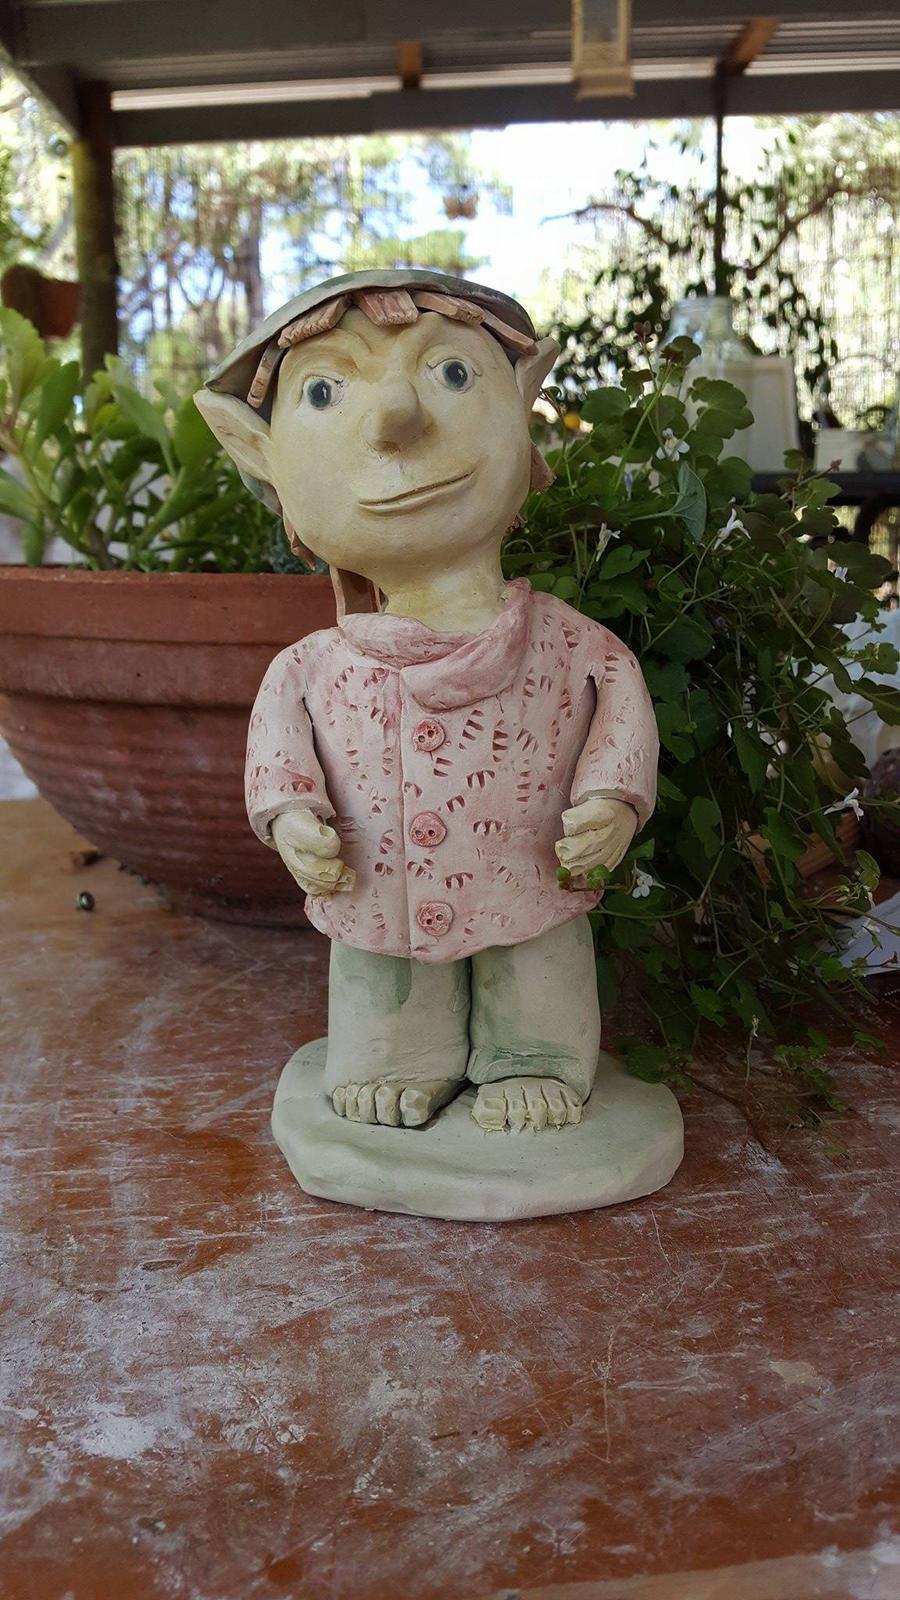 Little Handmade Garden Person